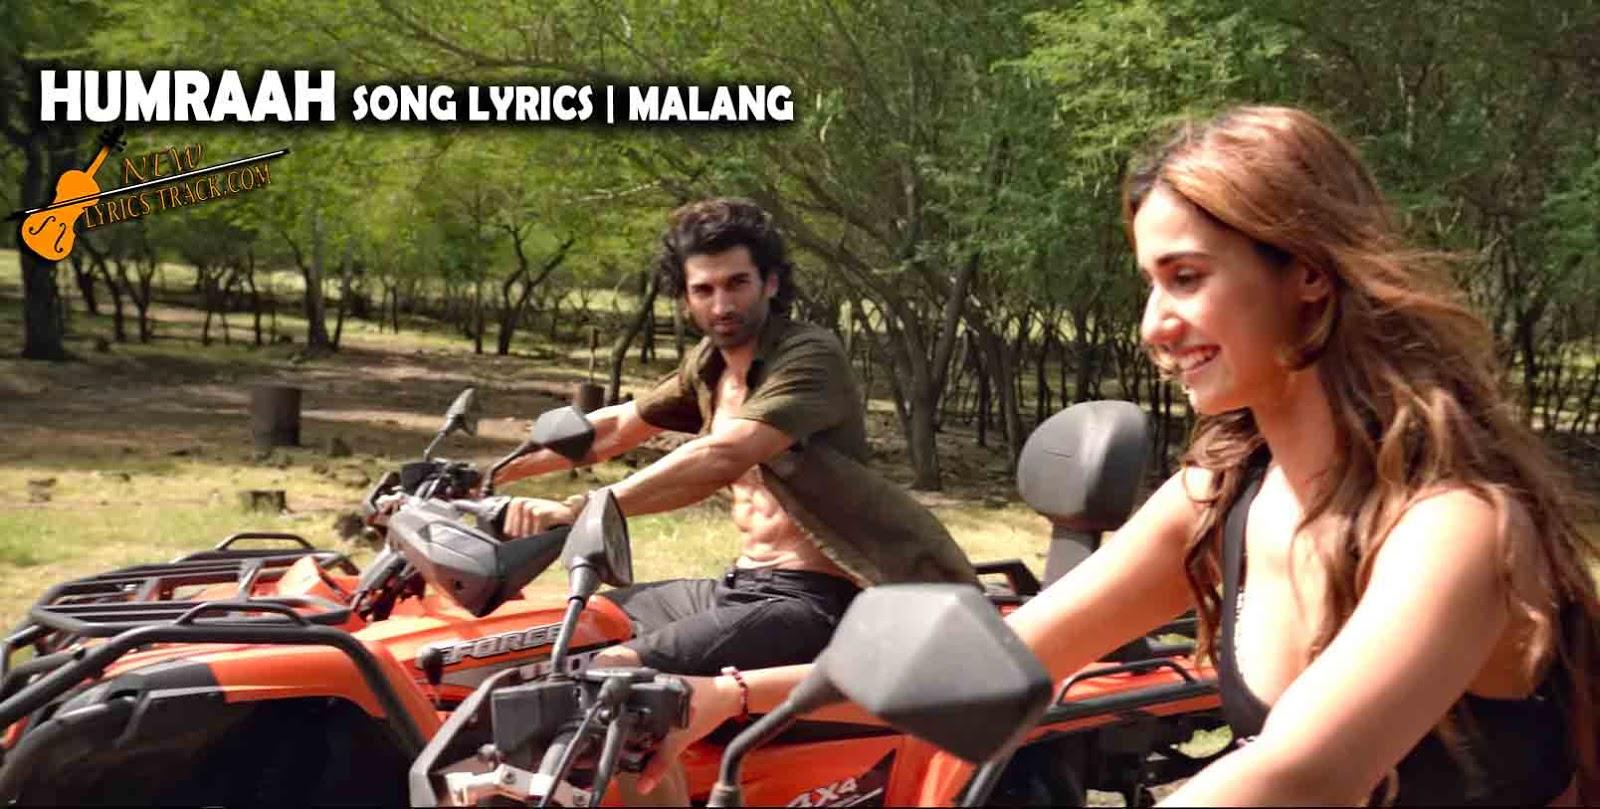 Humraah Song Lyrics Malang New Lyrics Track